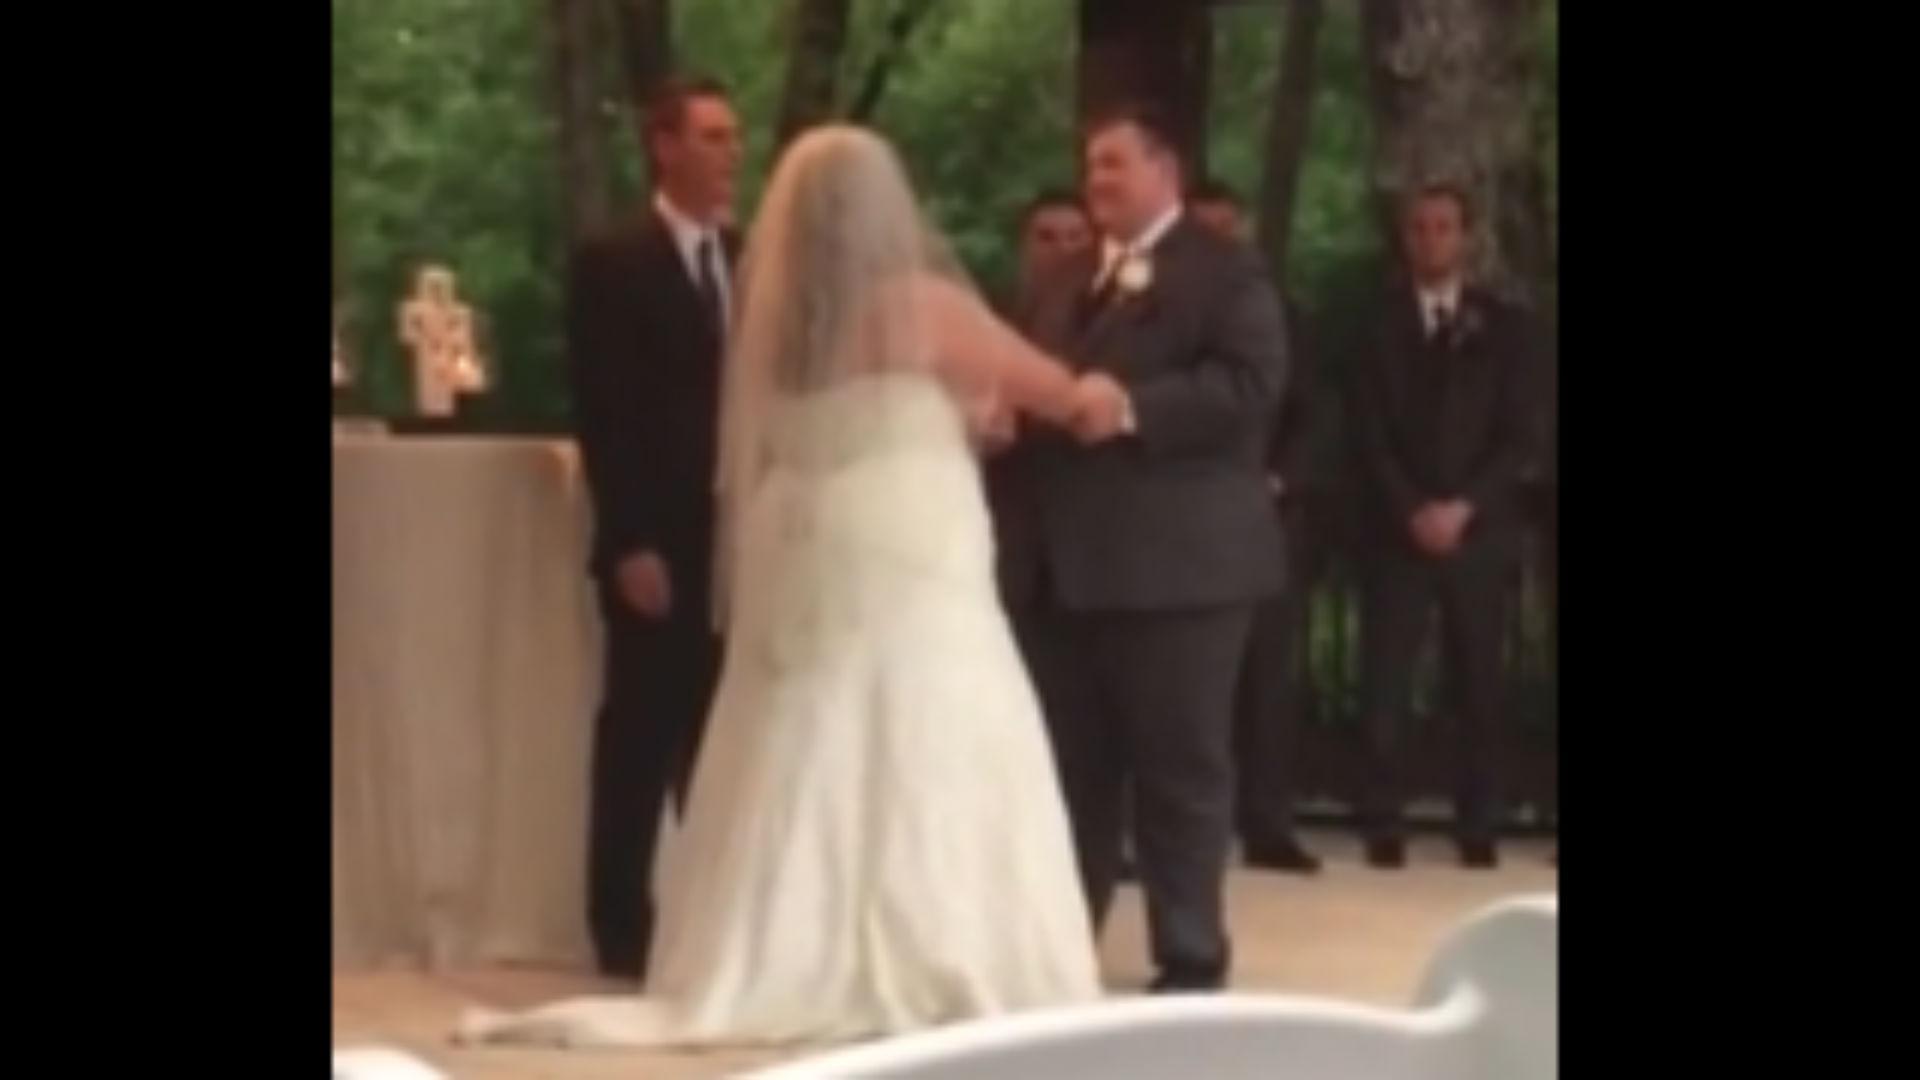 rolltide-wedding-042015-ftr-youtube.jpg